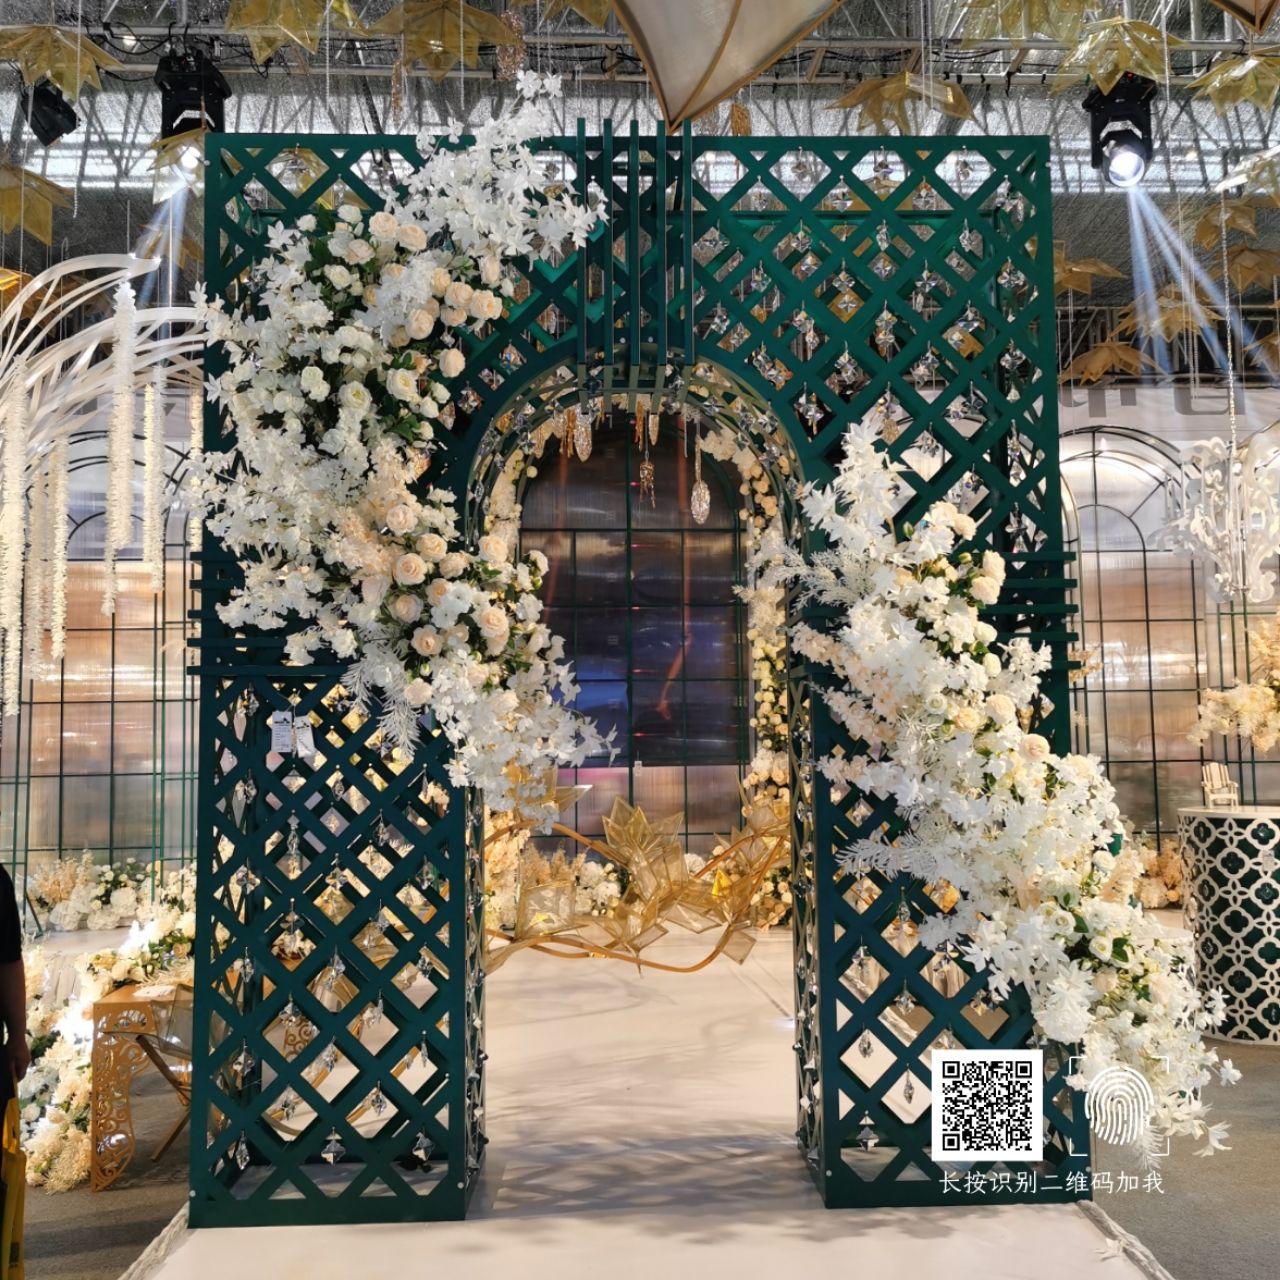 义乌海韵婚庆道具--2020年新品 爱丽丝系列拱门 婚礼装饰